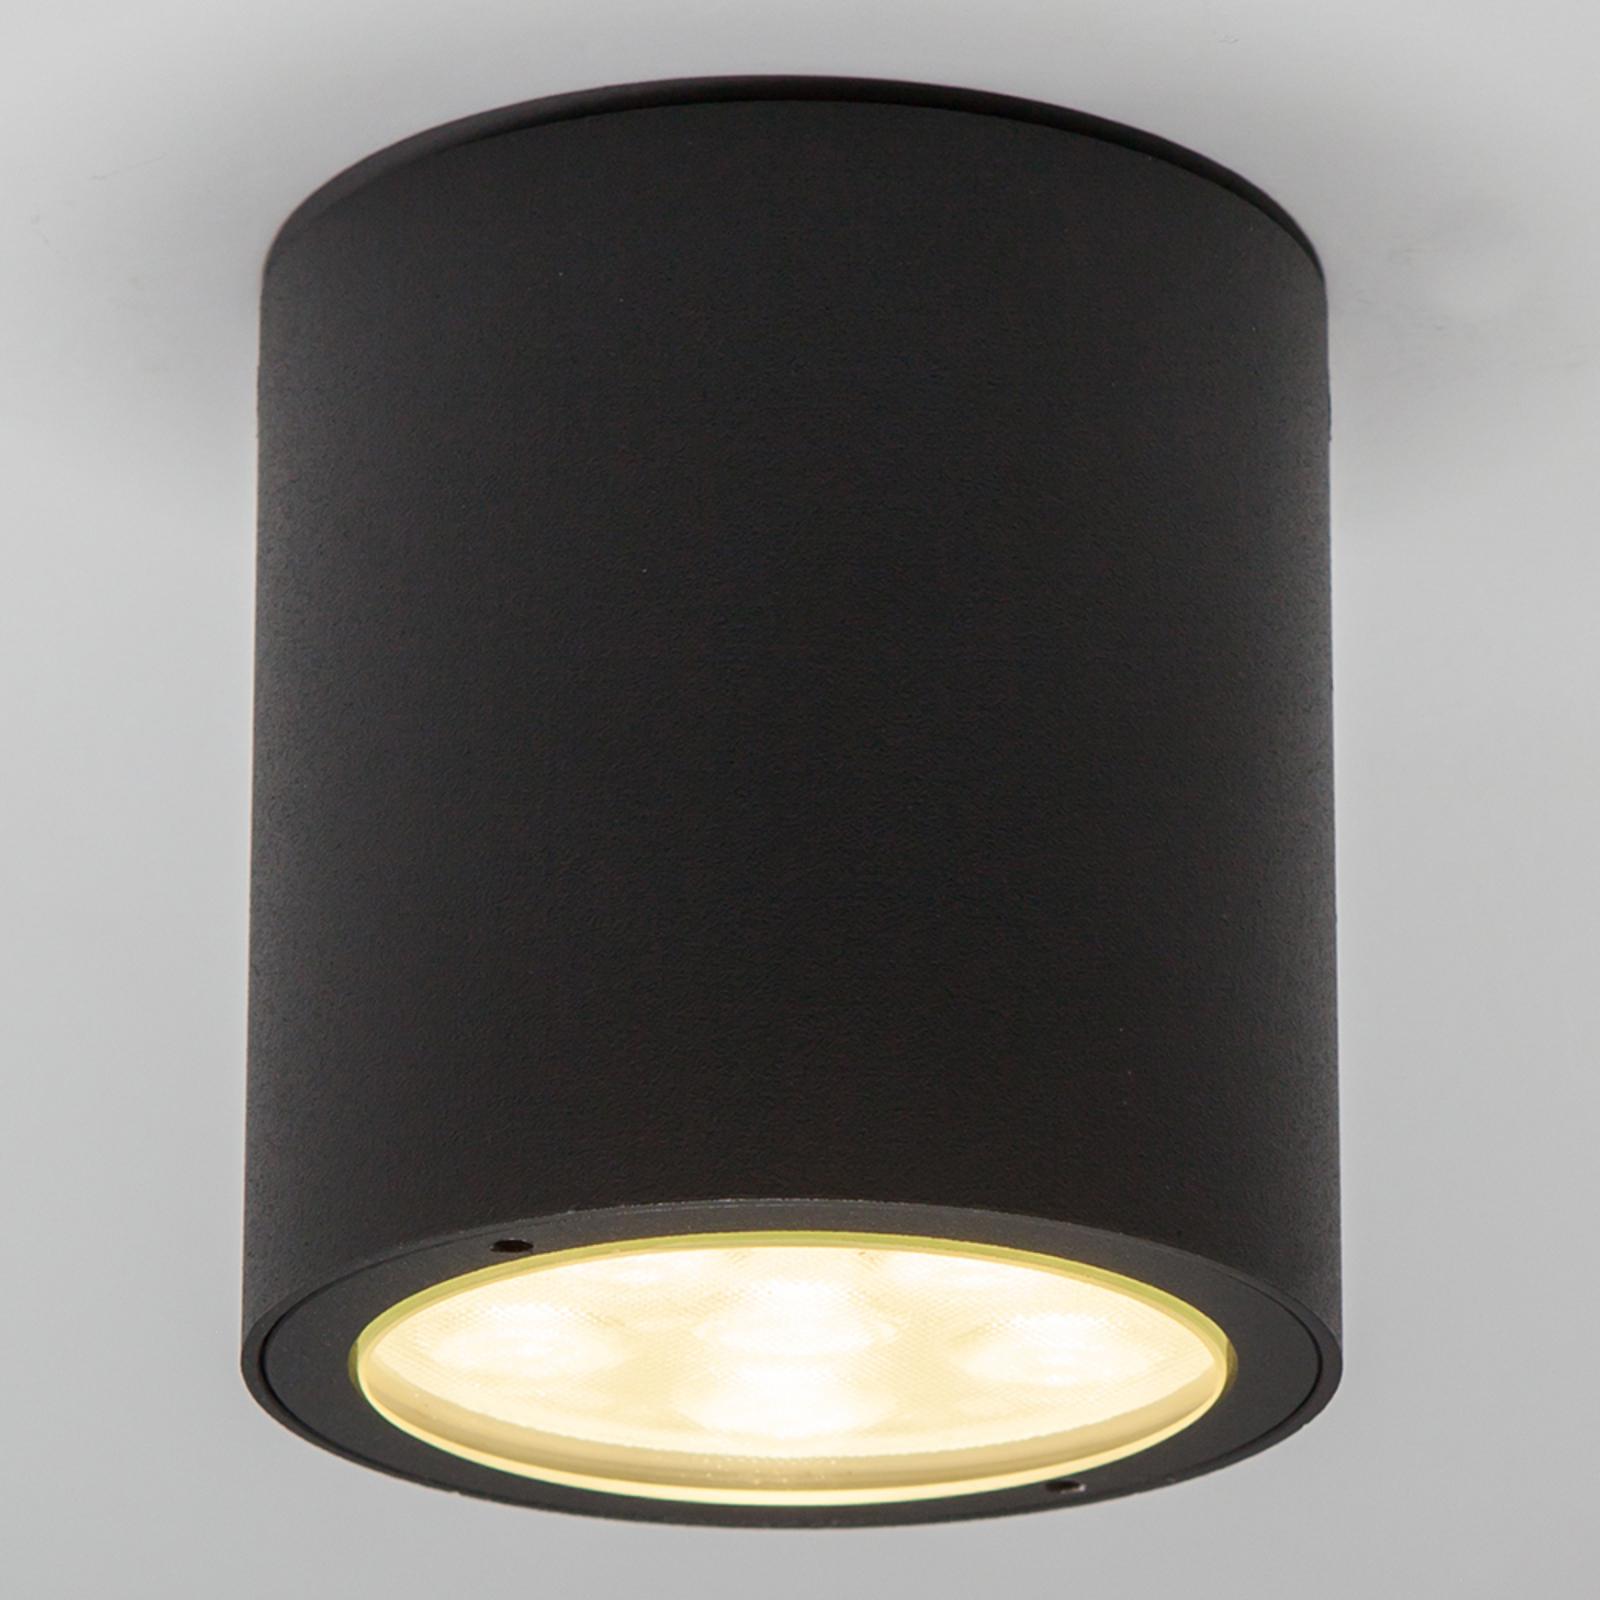 Rund LED-takspot Meret til utebruk, IP54